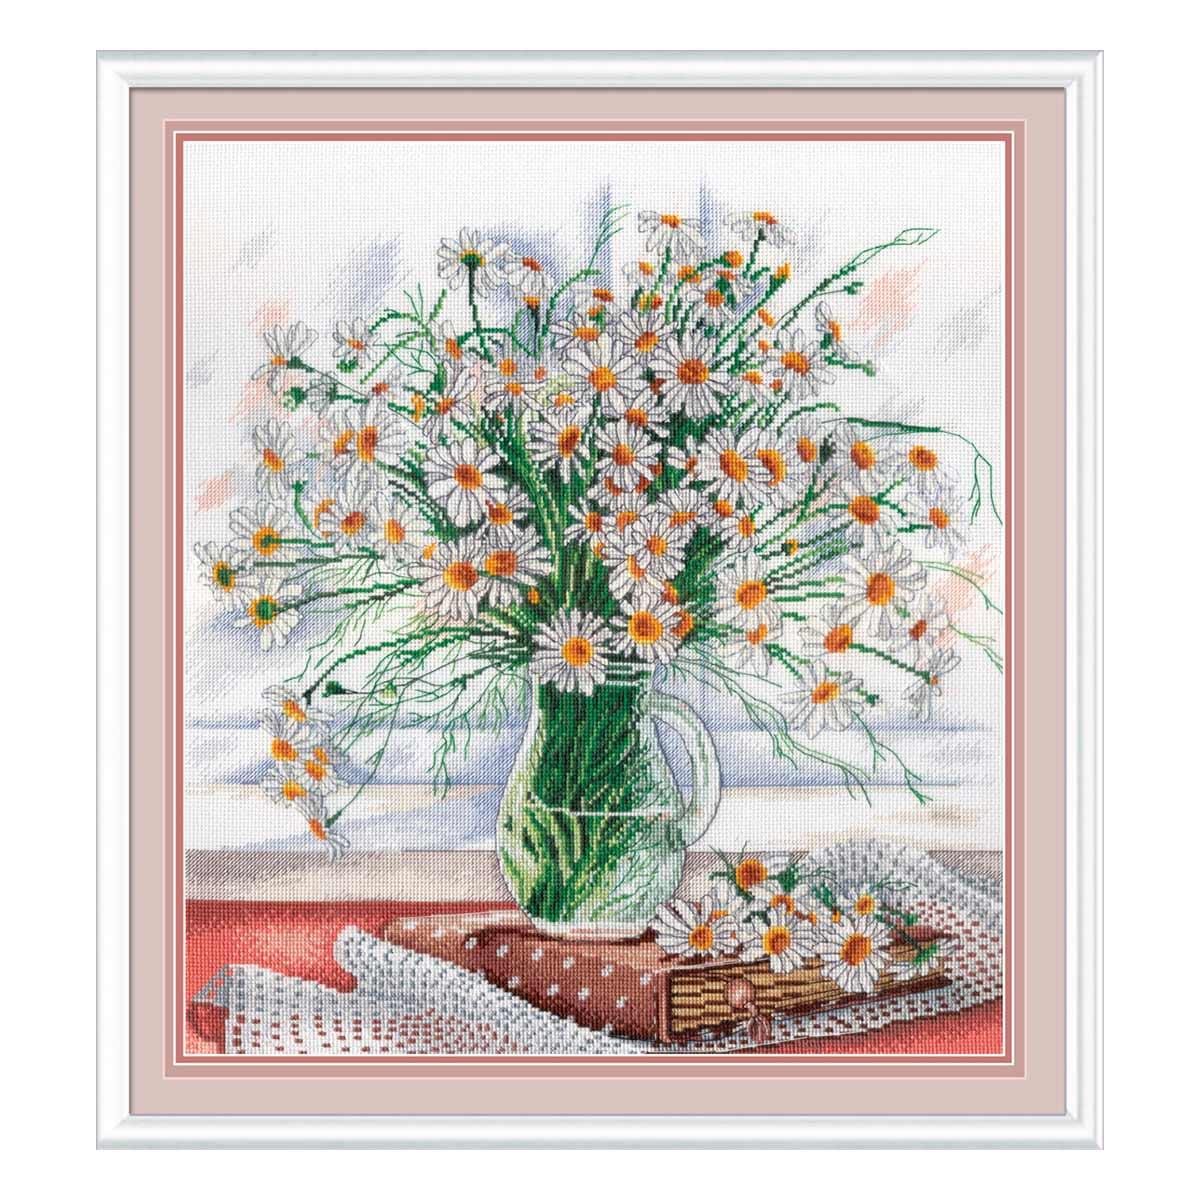 НВ-533 Набор для вышивания 'МП Студия' 'Нежность полевых цветов', 31*30 см